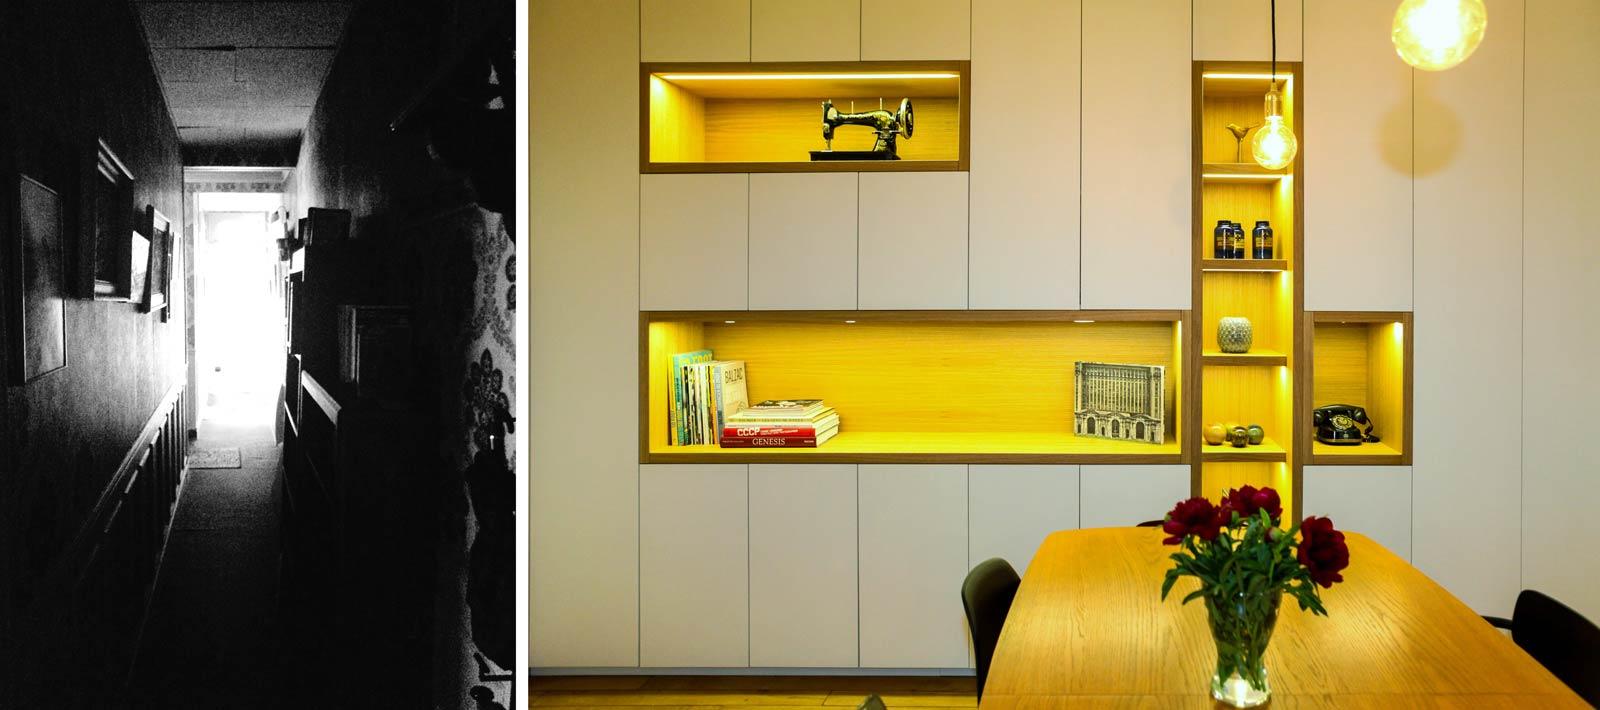 Rénovation d'appartement par un architecte d'intérieur avec des rangements intégrés dans le salon